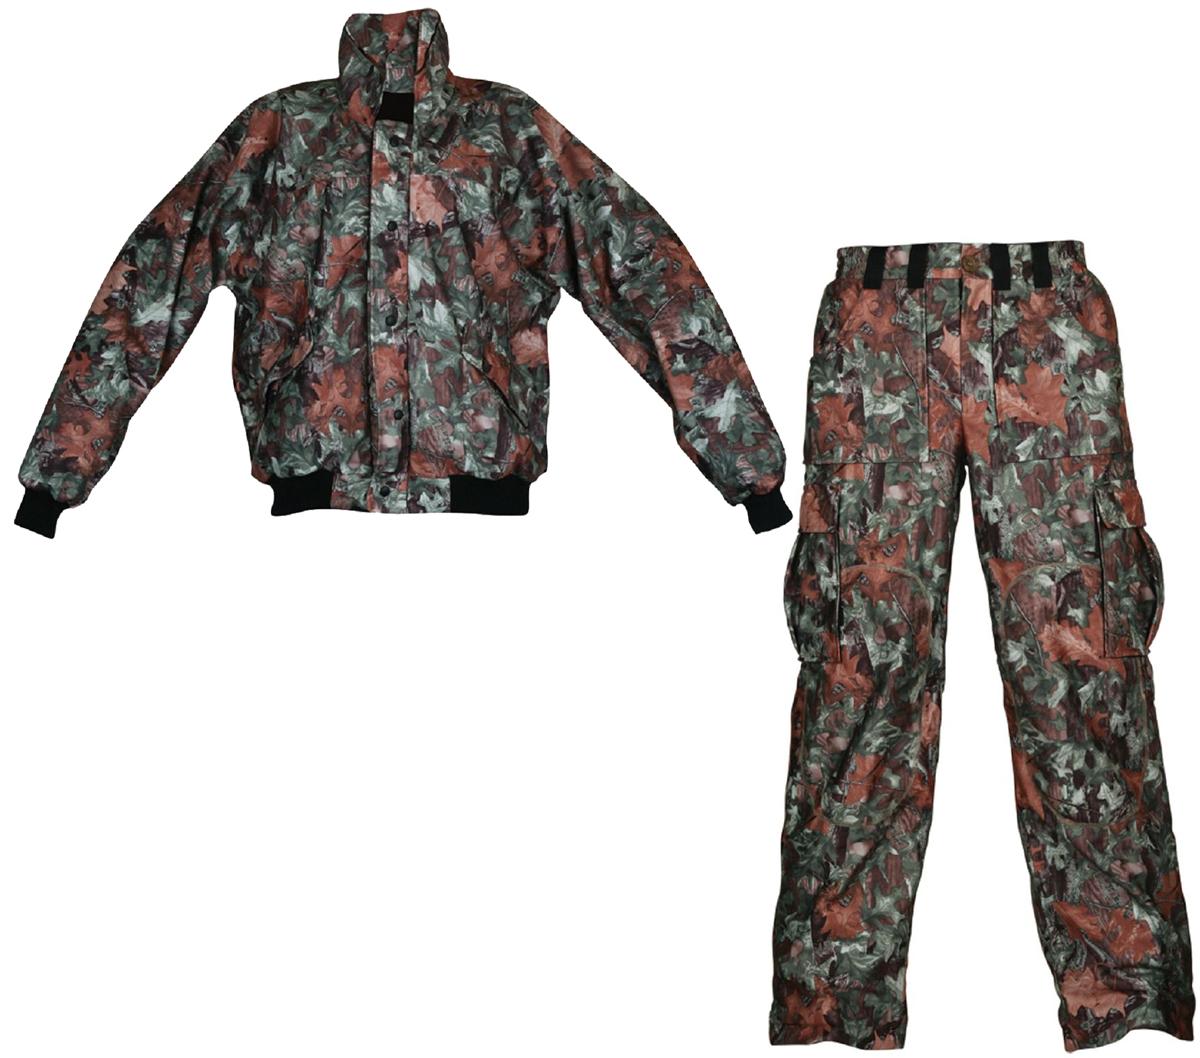 Костюм охотничий летний Arctix: куртка, брюки, цвет: камуфляж. 808-00305. Размер XXL (56)808Куртка изготовлена из легкого дышащего и в то же время непромокаемого материала. Бесшумная поверхность и магнитные замки на карманах позволяют быть незамеченными в условиях дикой природы. Рукава с трикотажными манжетами и поясом. Брюки изготовлены из легкого дышащего и в то же время непромокаемого материала. Эластичный пояс и широкие шлевки для ремня. Контактные зоны усилены накладками. Застежки-молнии снизу штанов позволяют быстро надеть одежду, не снимая обуви, и с регулируемой манжетой. Идеальная одежда для охоты.